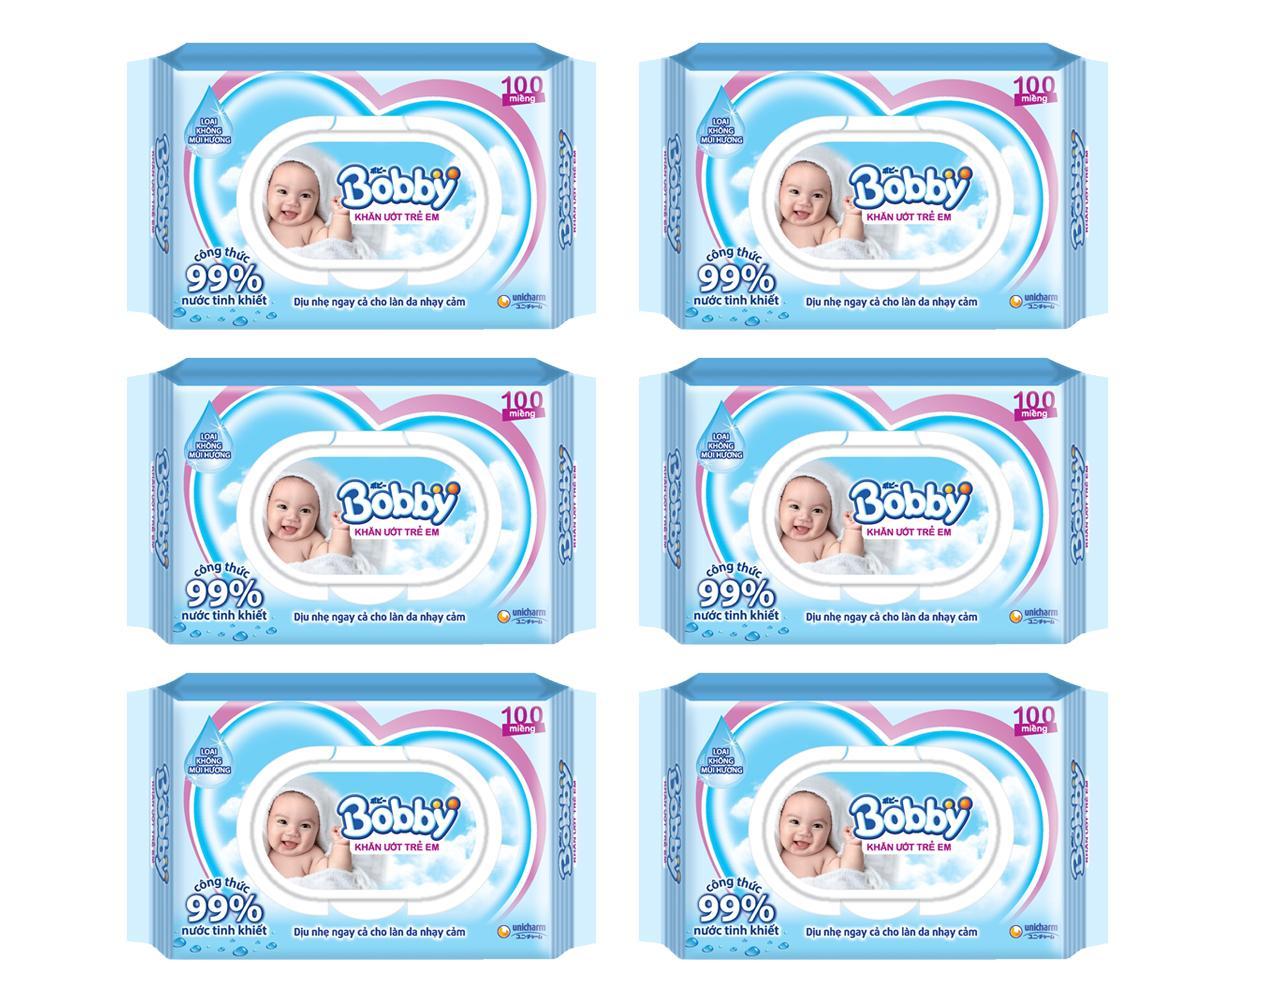 Bộ 6 gói khăn giấy ướt Bobby không mùi 100 miếng